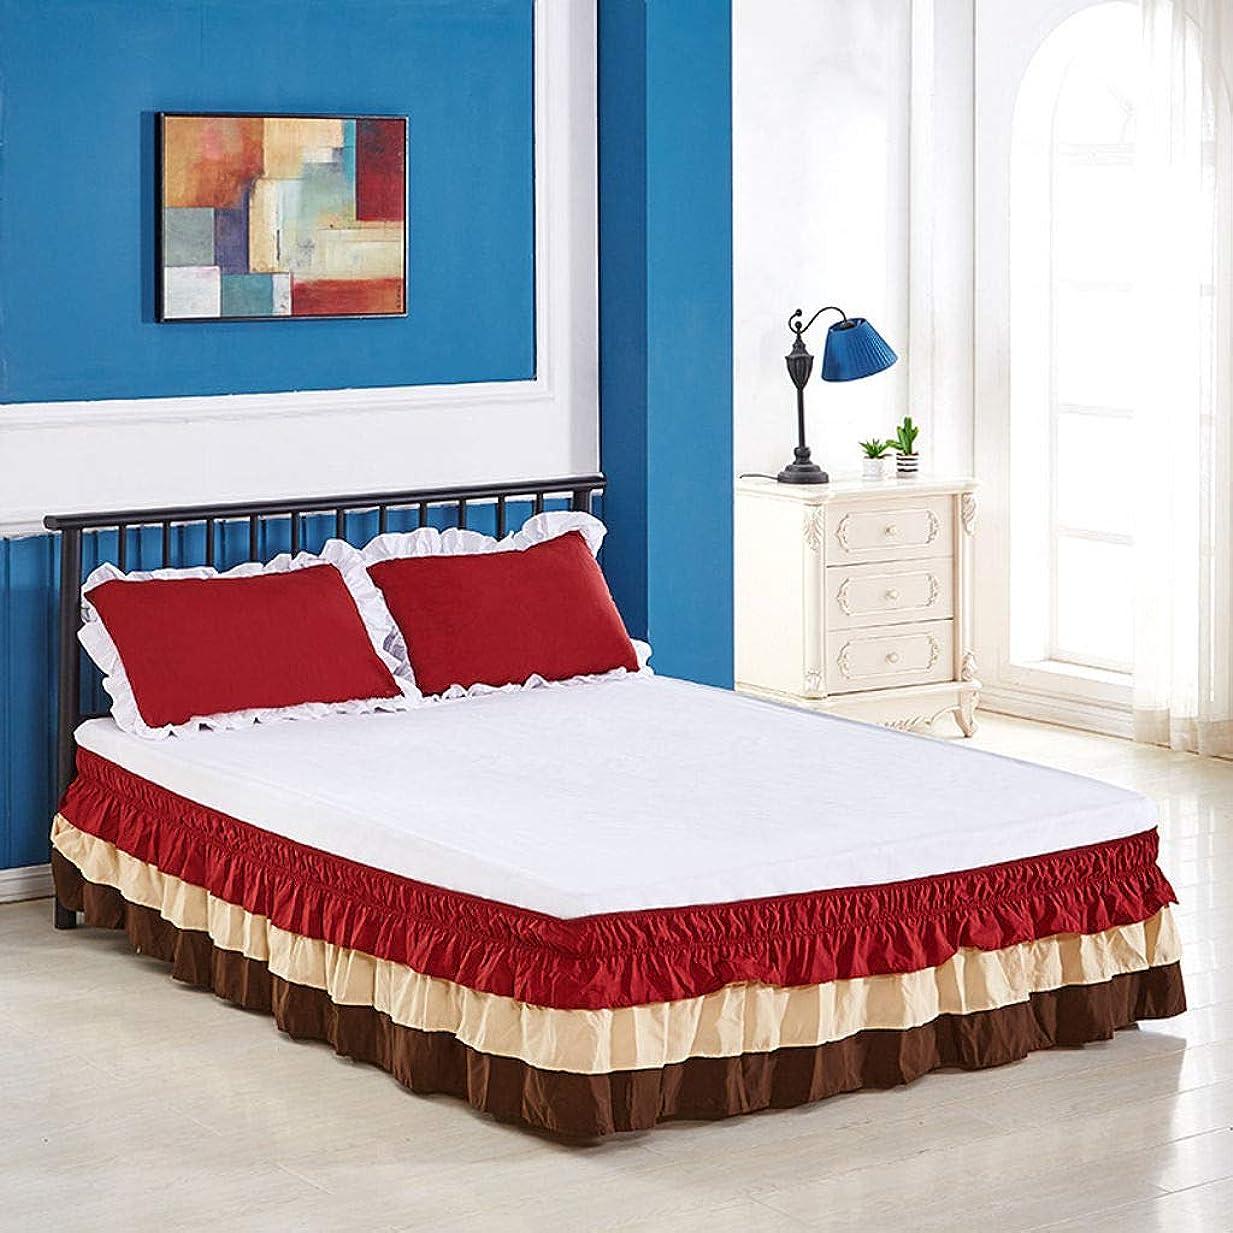 認可と遊ぶ表示ラウンドベッドスカート伸縮性のあるベッドプリーツ、スーパーソフト ベッドスカート エラストマー周辺 しわ防止、褪色防止 三方フレキシブル織物ラップ サギング-G-キング200×200センチメートル